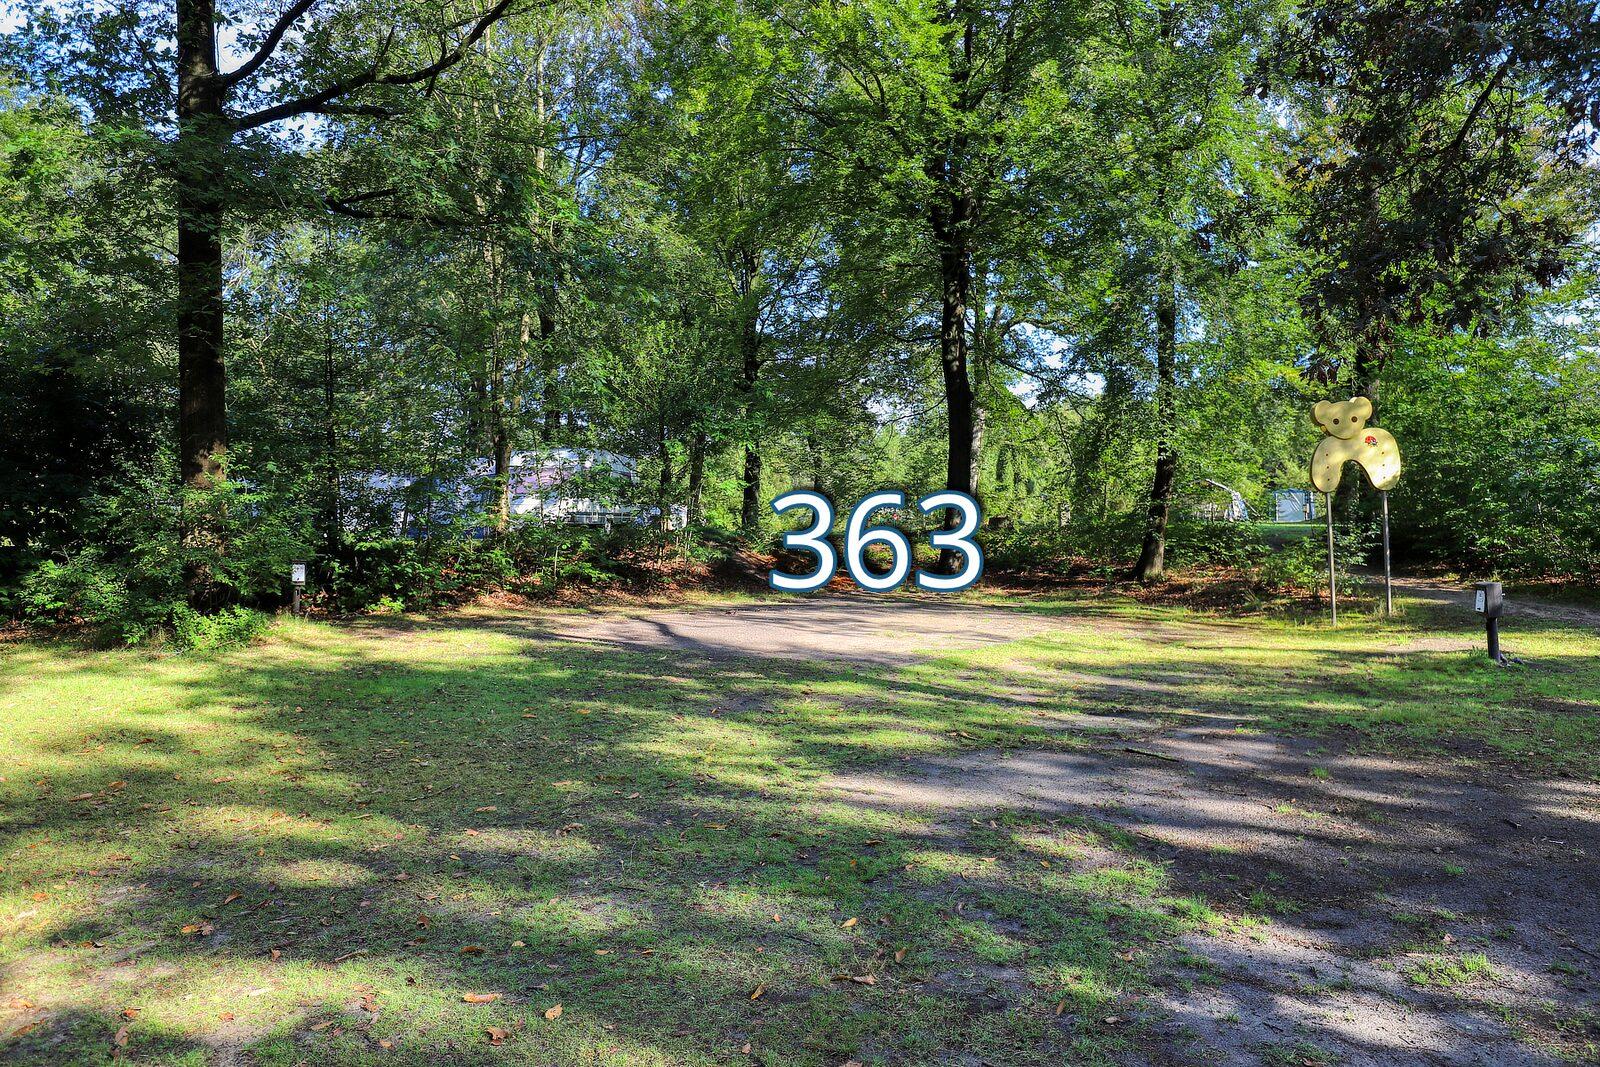 houtduif 363